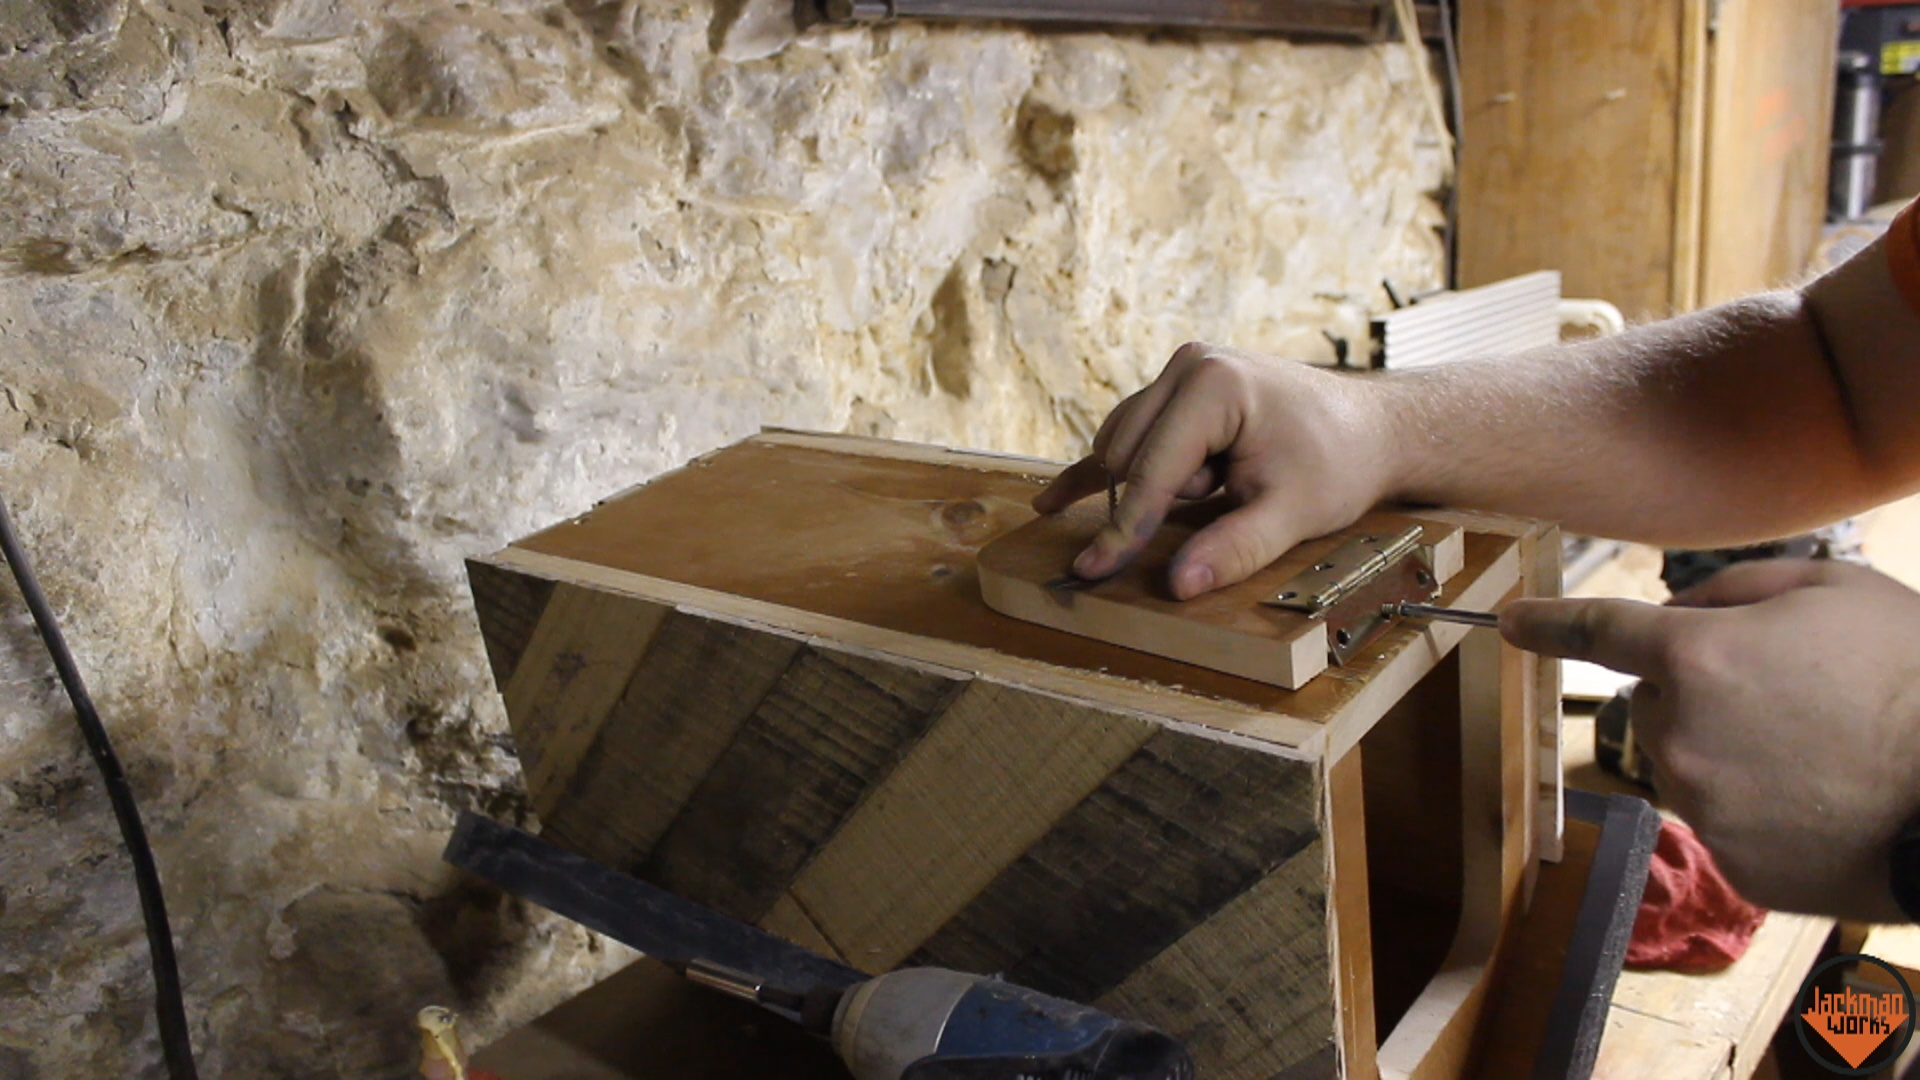 Wood mailbox 18 jackman works jackmanjackman worksjackman carpentrycarpentrywoodworkingwooddiydo it yourselfbuildingmakingdesignupcycledrecycledreclaimedhow to make a solutioingenieria Images